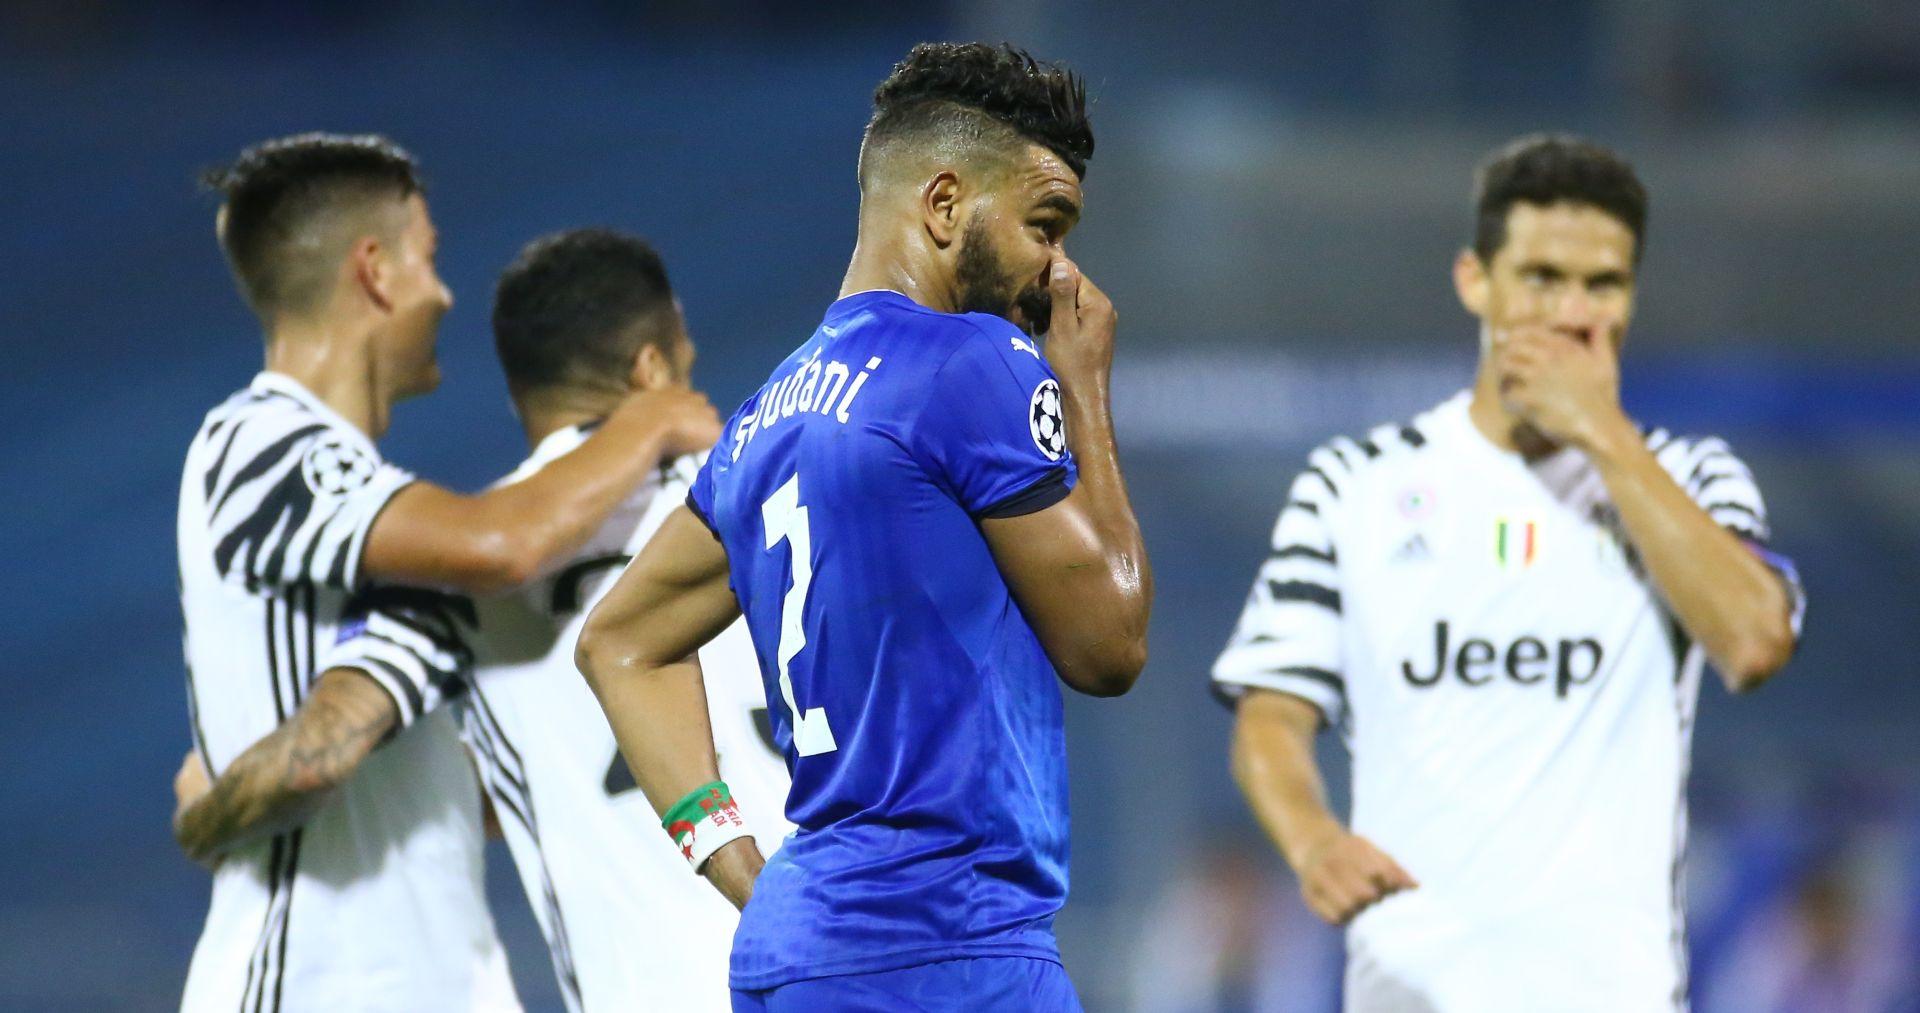 UŽIVO: Higuain i Rugani za pobjedu Juventusa, Dinamo bez postignutog gola u Ligi prvaka